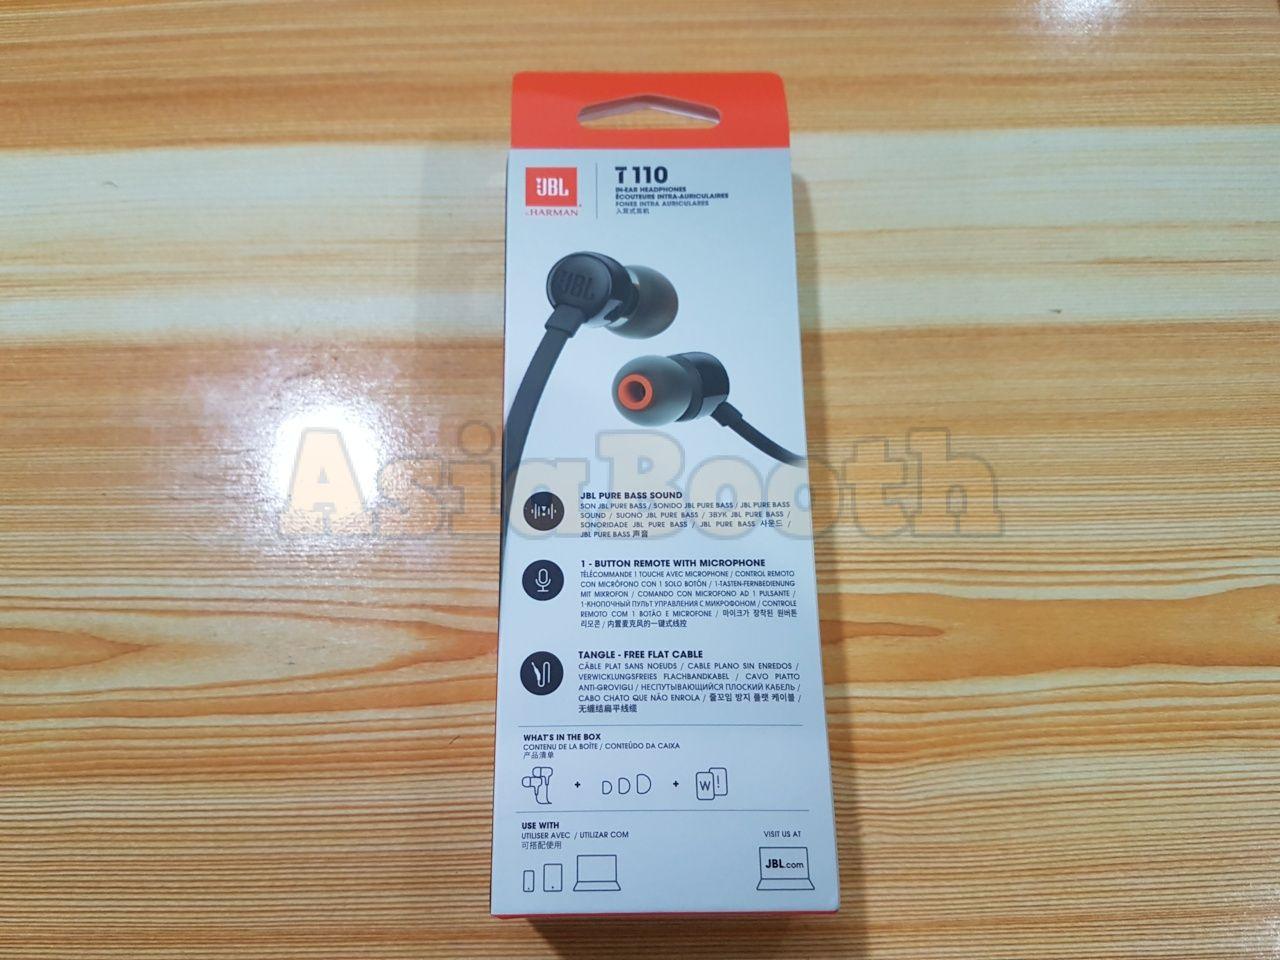 e97688d19b5 JBL T110 by Harman in-Ear Stereo Earphones - Asia Booth